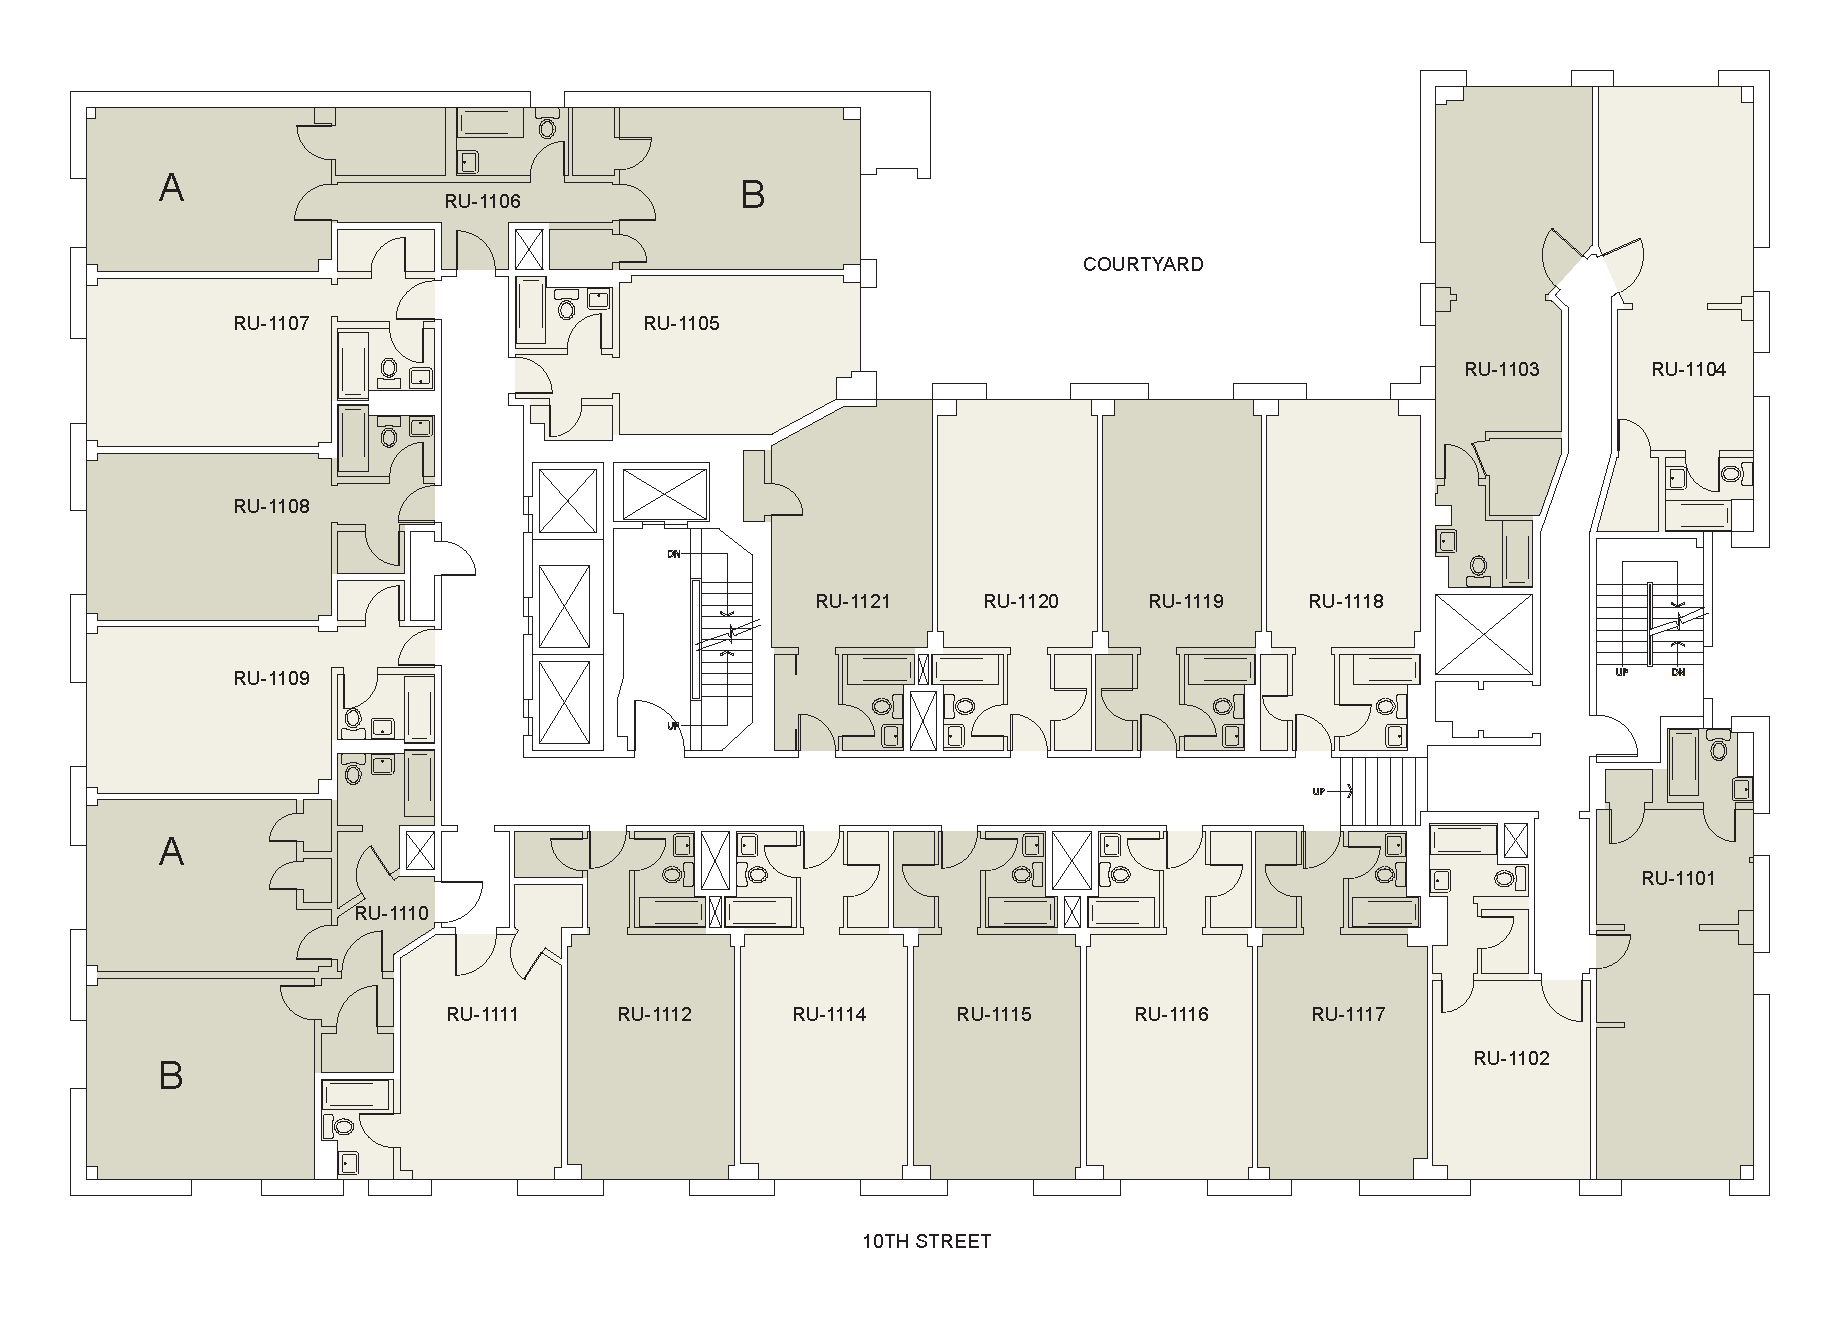 Floor plan for Rubin Floor 11